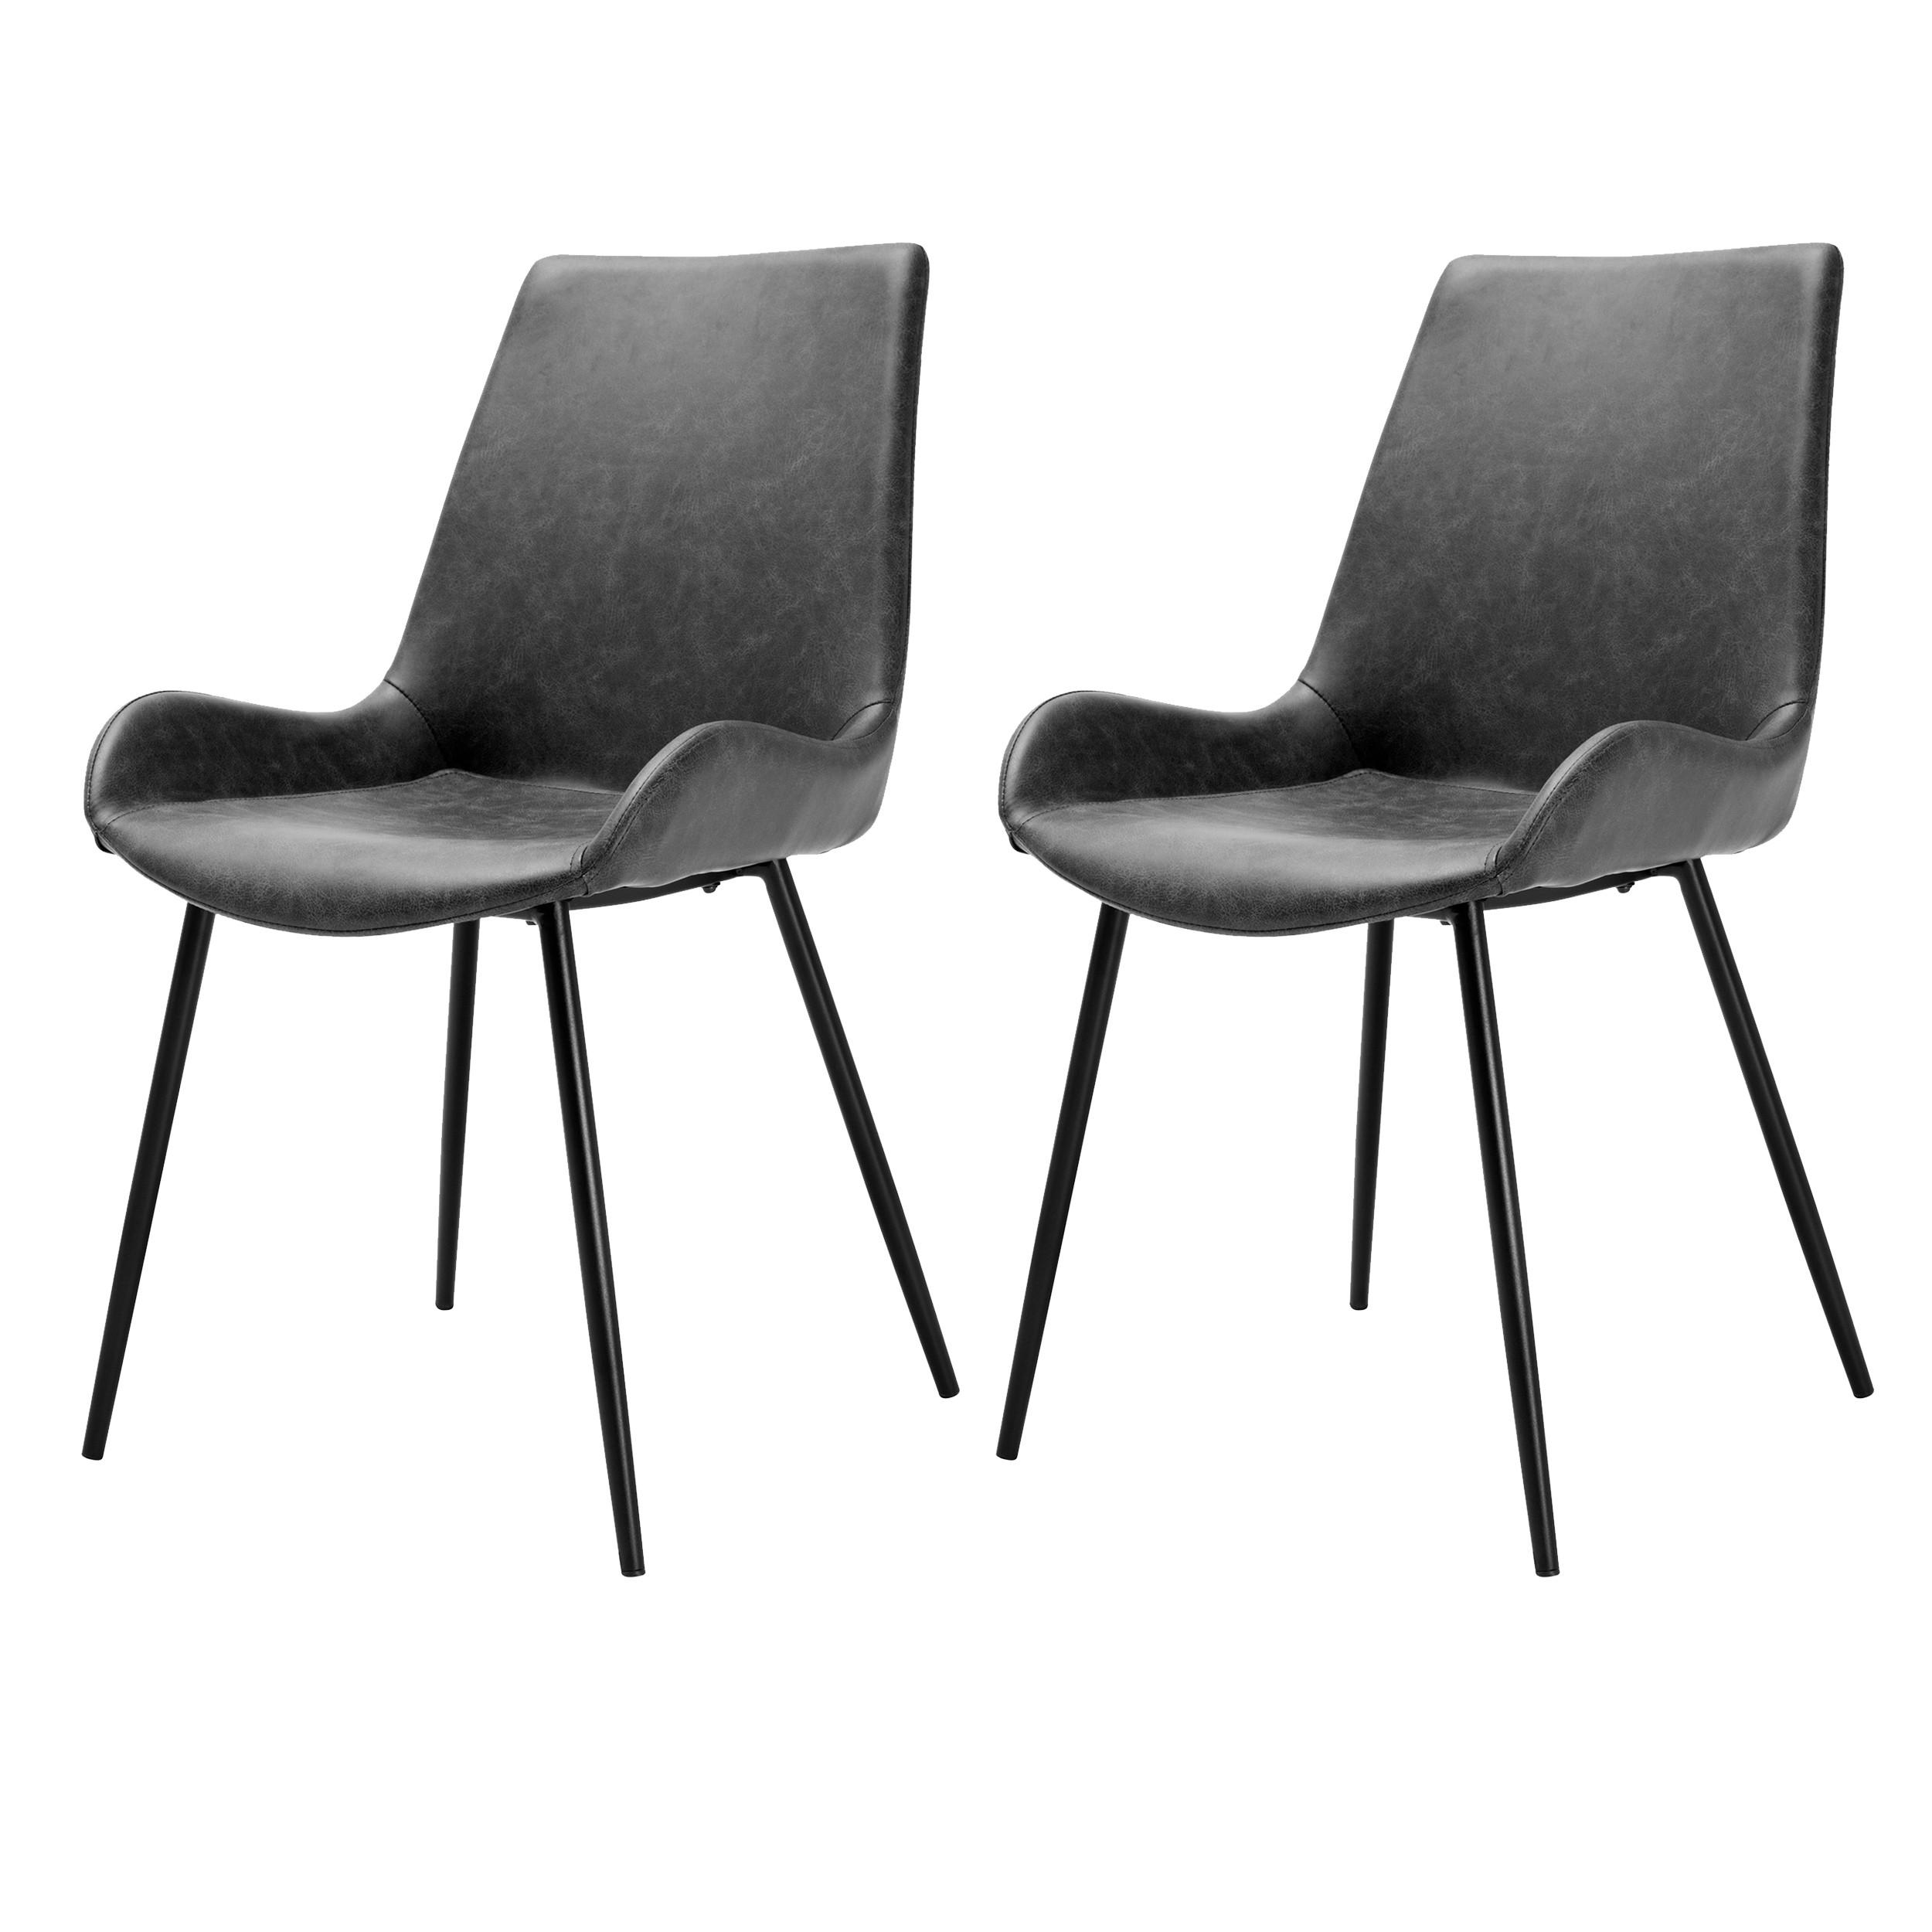 acheter chaise gris foncé delavee